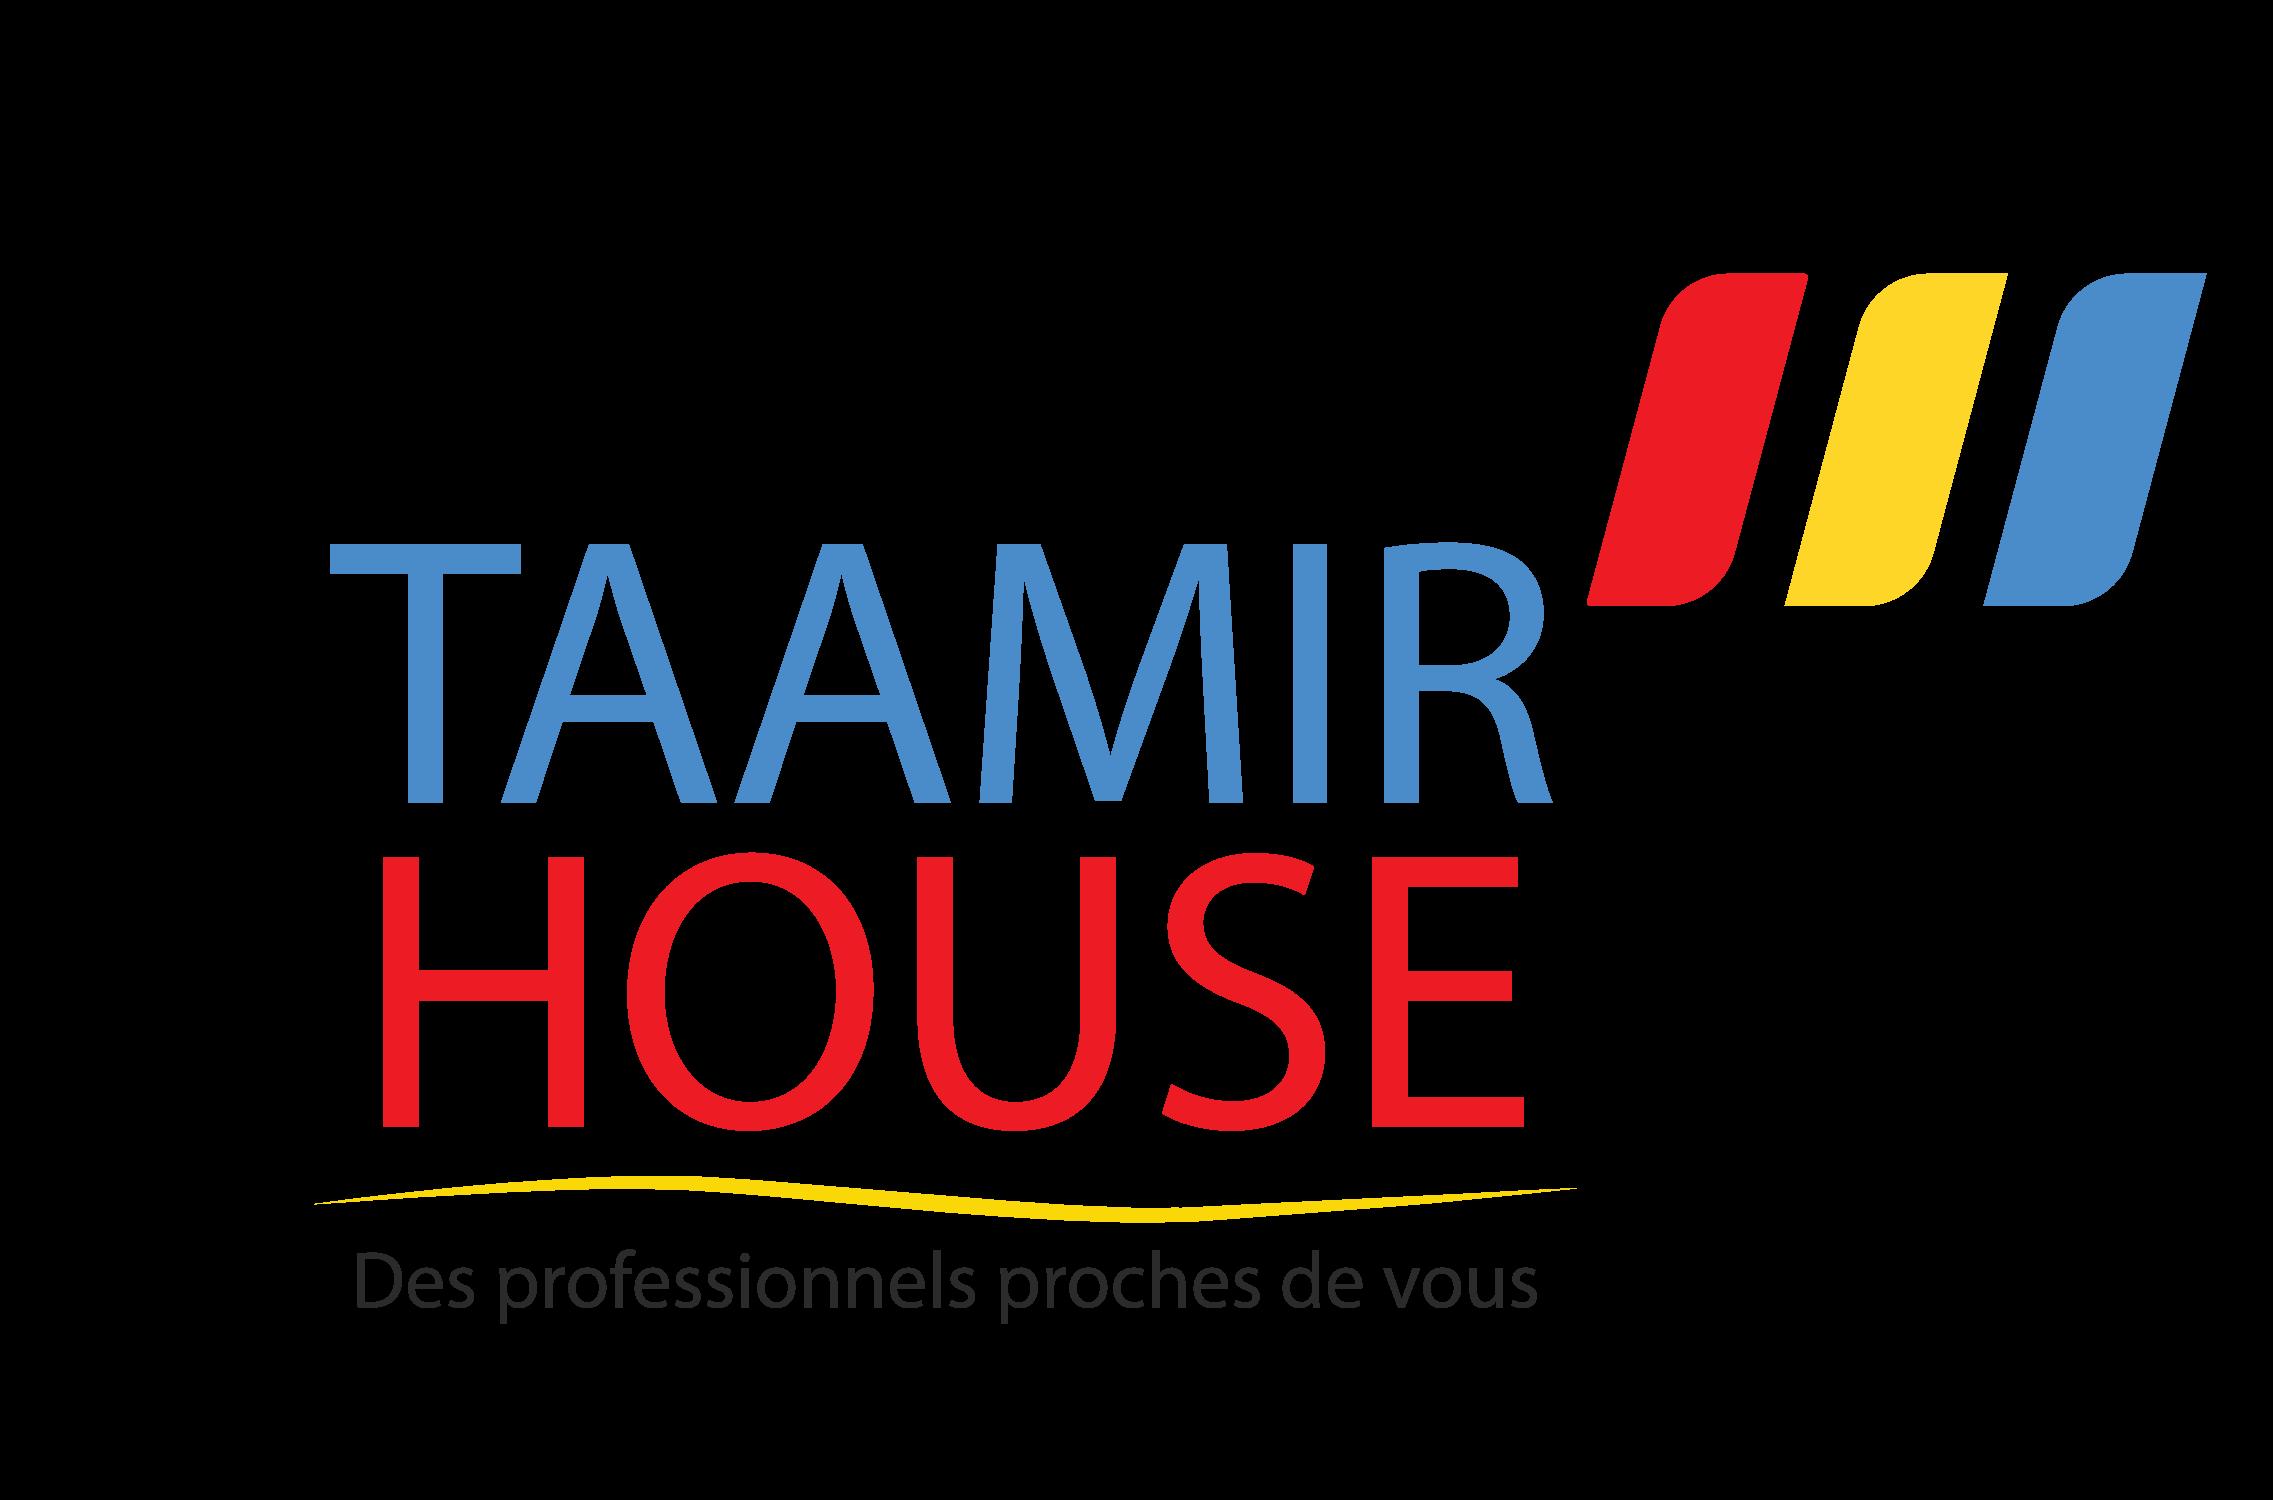 Taamir House